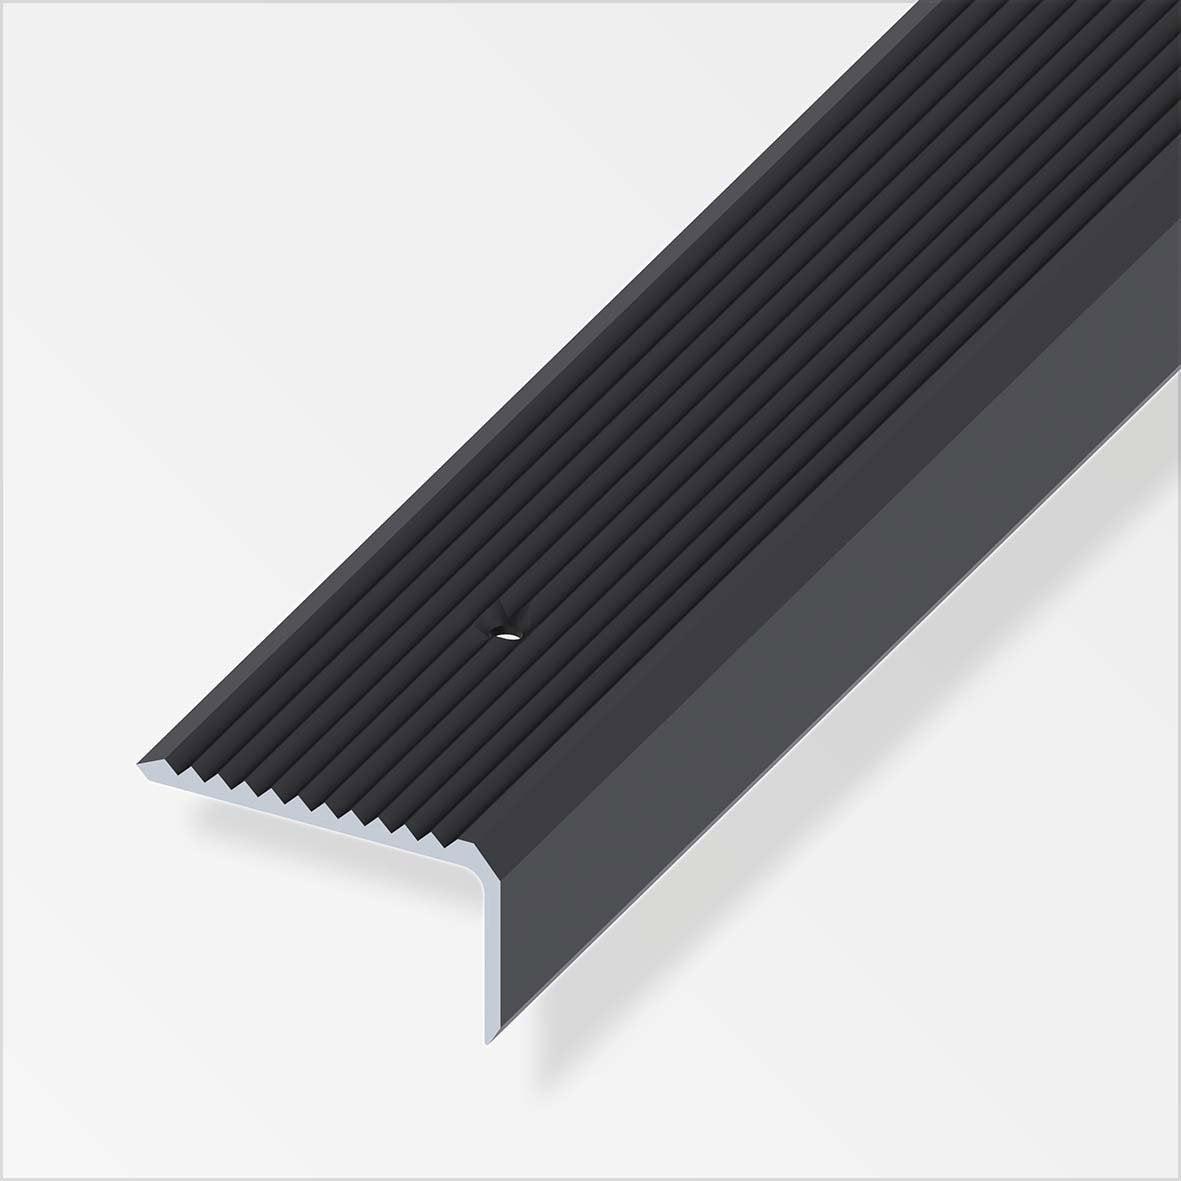 Nez de marche aluminium anodis l 2 m x l 4 1 cm x h 2 3 - Nez de marche escalier exterieur ...